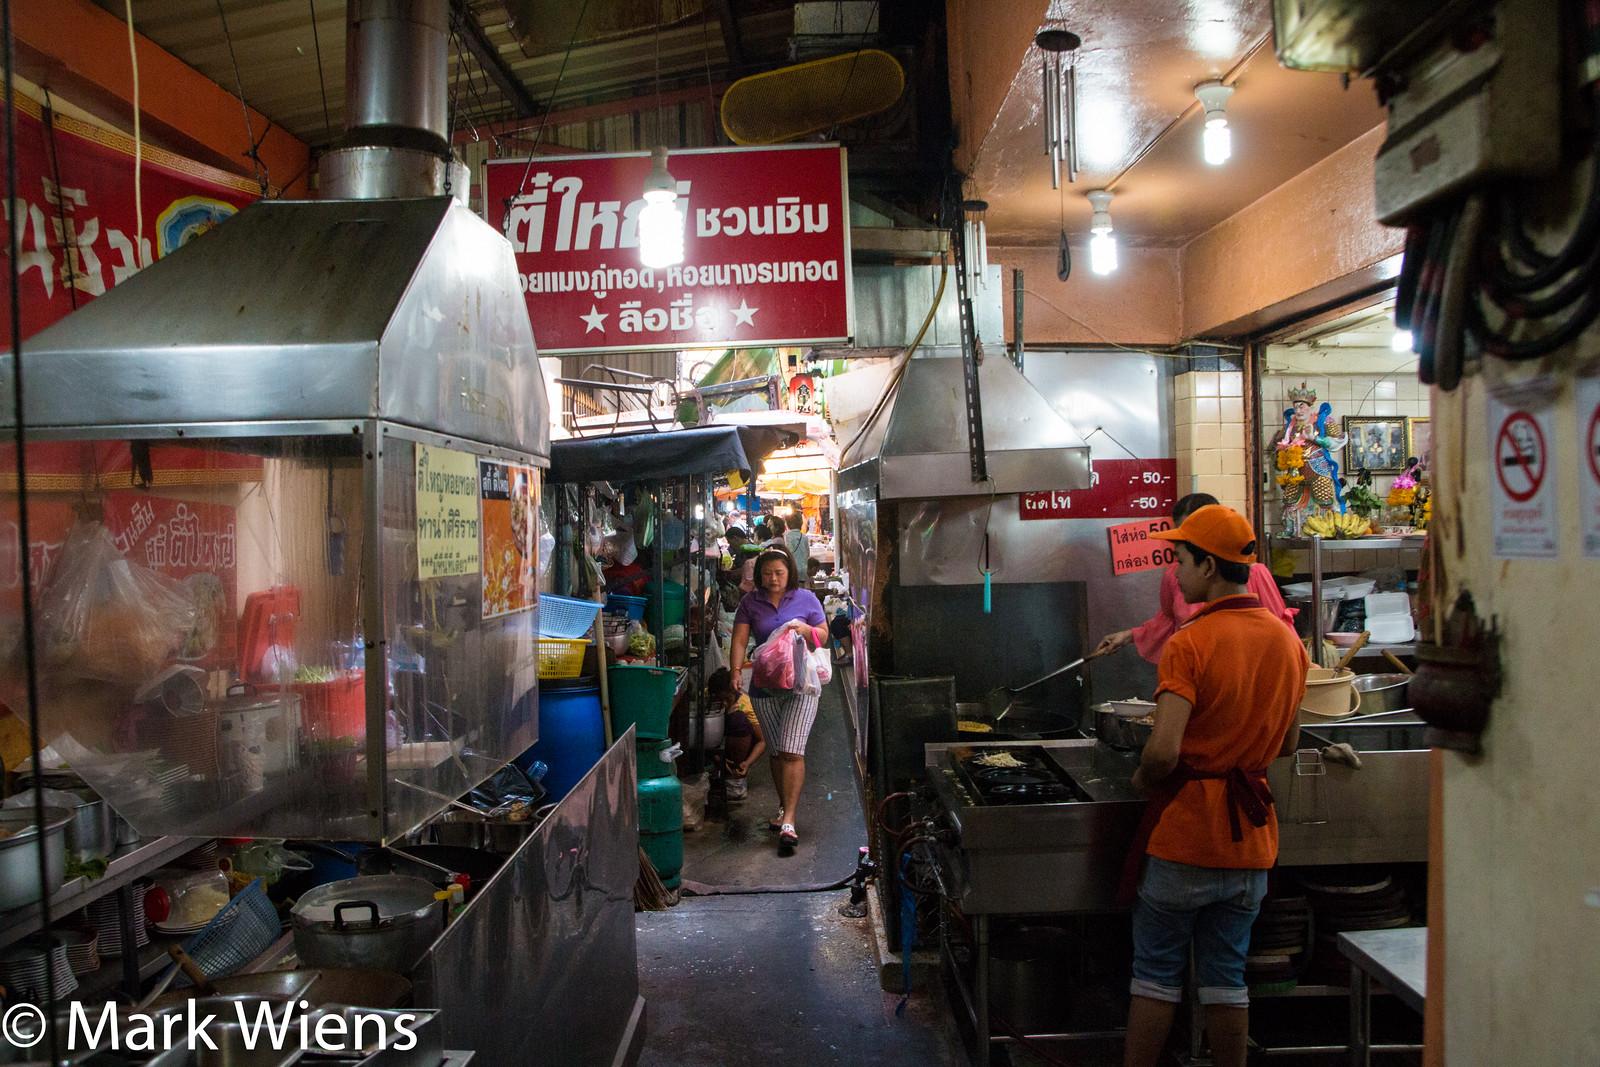 ตี๋ใหญ่ชวนชิม หอยทอดกะทะร้อน